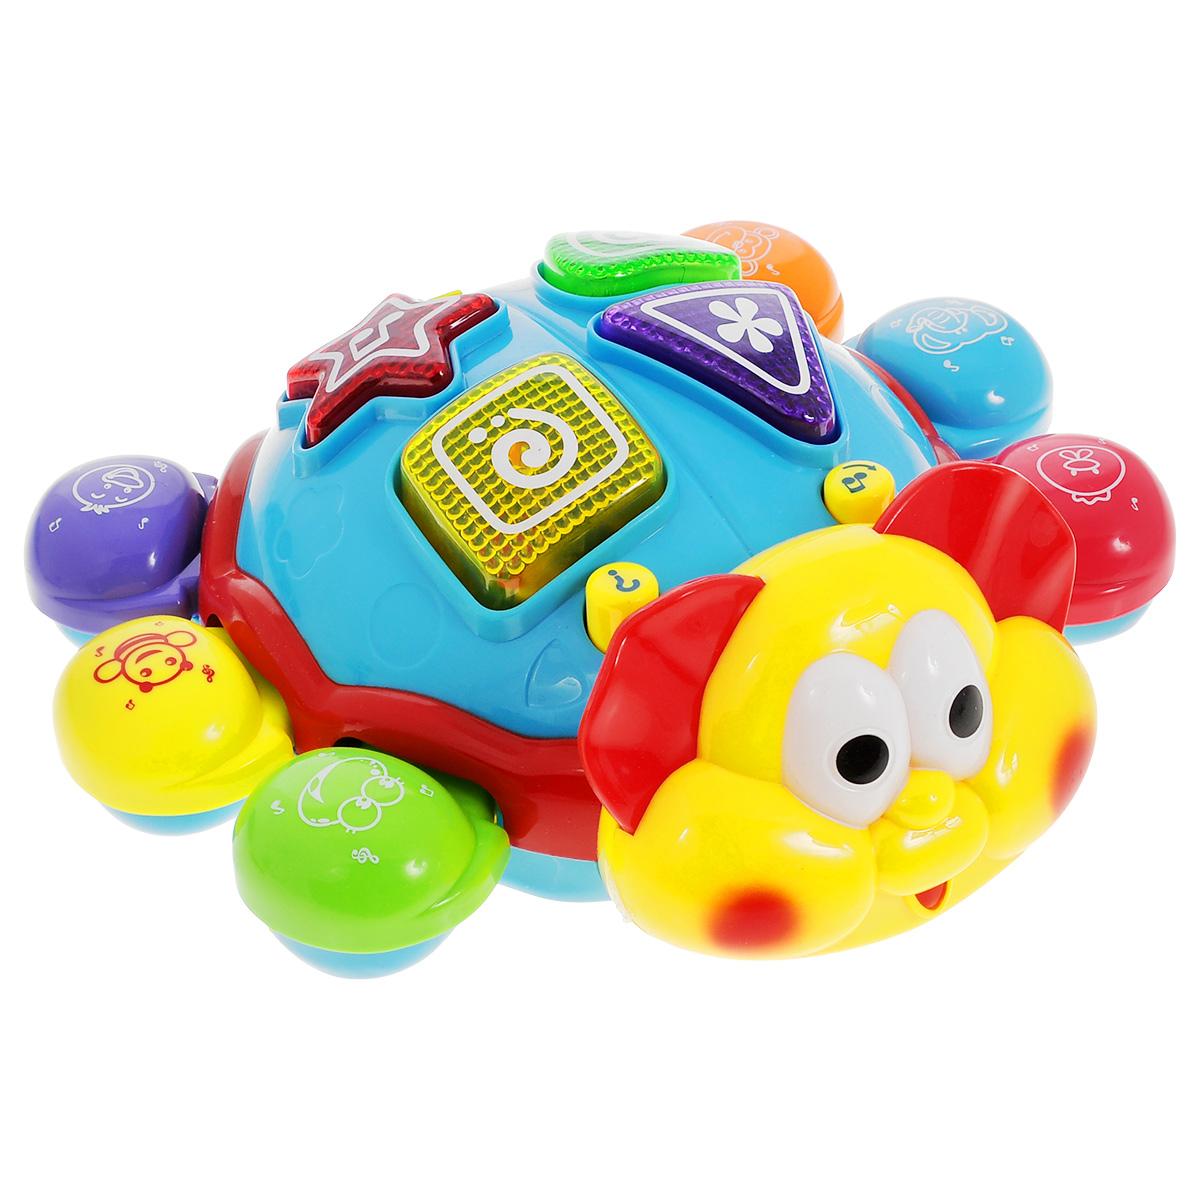 Развивающая игрушка Малышарики Мудрый жукMSH0303-019Развивающая игрушка Малышарики Мудрый жук выполнена в ярком дизайне из высококачественных и безопасных для детской игры материалов. Играя с жуком, малыш весело и с пользой проведет время: можно слушать разные мелодии, угадывать животных по звуками или учить цвета и геометрические фигуры. Каждая лапка жука с изображением различных животных оснащена звуками, на спинке находятся кнопки в виде геометрических фигур, а также кнопки с переключением режимов. Игрушка Мудрый жук развивает мелкую моторику, слуховое восприятие, логическое мышление и концентрацию внимания. Рекомендуемый возраст: 1- 3 года. Для работы игрушки необходимы 3 батарейки напряжением 1,5V типа АА (не входят в комплект). Уважаемые клиенты! Обращаем ваше внимание на возможные изменения в дизайне некоторых деталей товара. Поставка осуществляется в зависимости от наличия на складе.